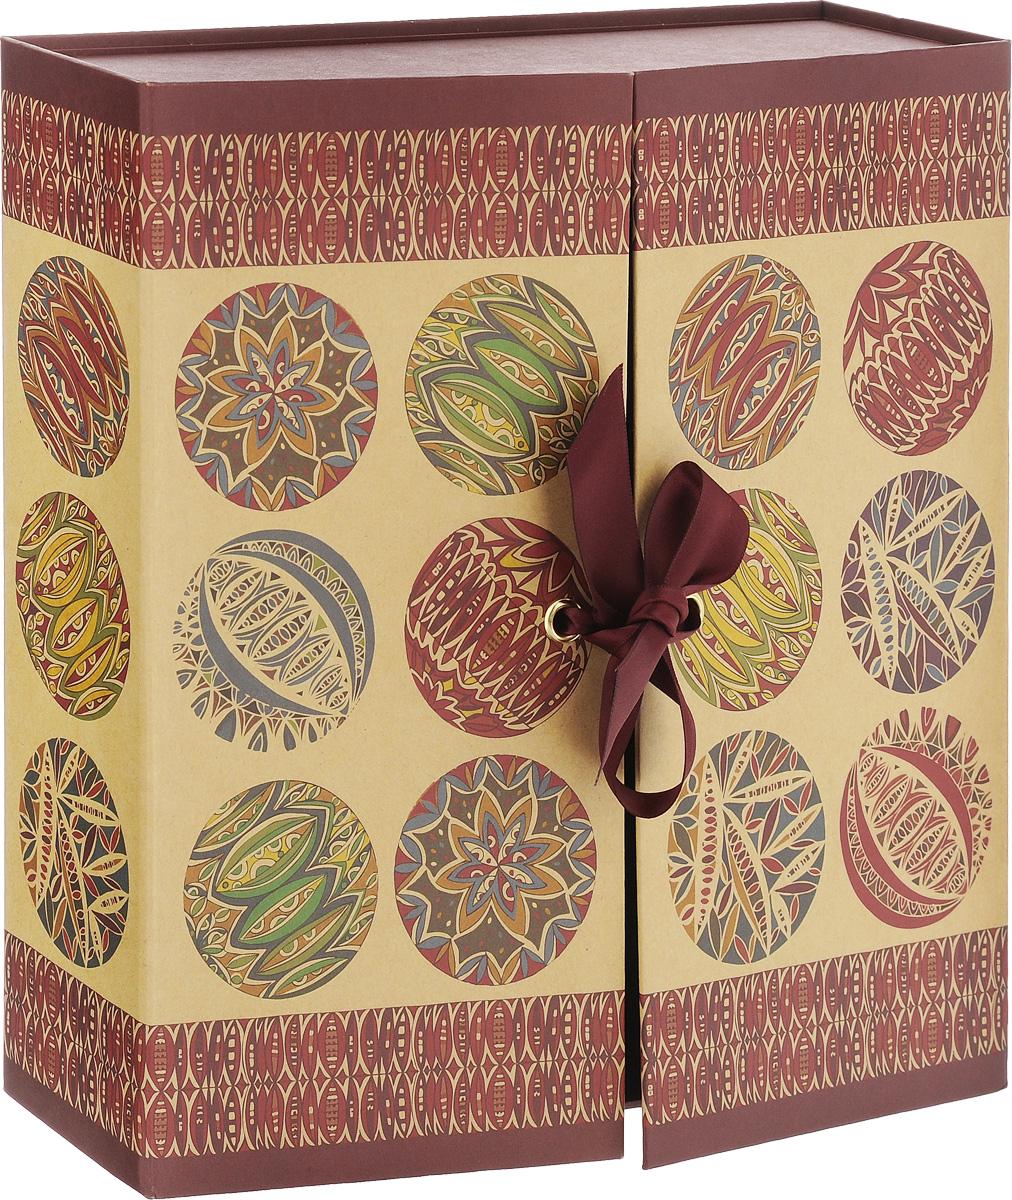 Крафт-коробка подарочная Миллефиори, 24 х 6 х 24 см4610009210438Подарочный коробка Миллефиори выполнена из крафт-бумаги - очень актуального материала на сегодняшний день. Основание изделия укреплено плотным картоном, который позволяет сохранить форму коробки и исключает возможность деформации под тяжестью подарка. Подарок, преподнесенный в оригинальной упаковке, всегда будет самым эффектным и запоминающимся. Окружите близких людей вниманием и заботой, вручив презент в нарядном, праздничном оформлении.